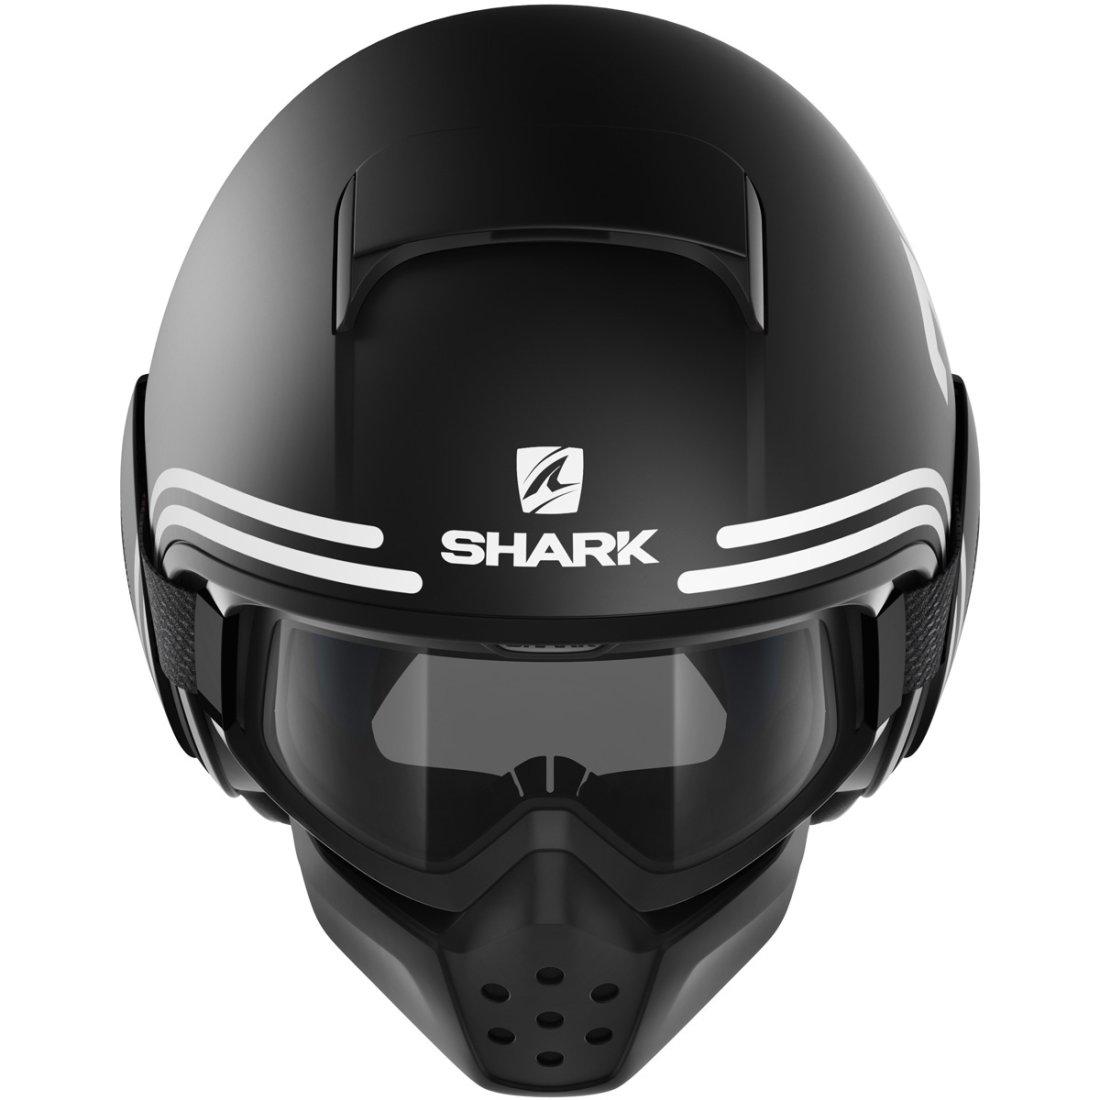 casque shark drak 72 mat black white orange motocard. Black Bedroom Furniture Sets. Home Design Ideas